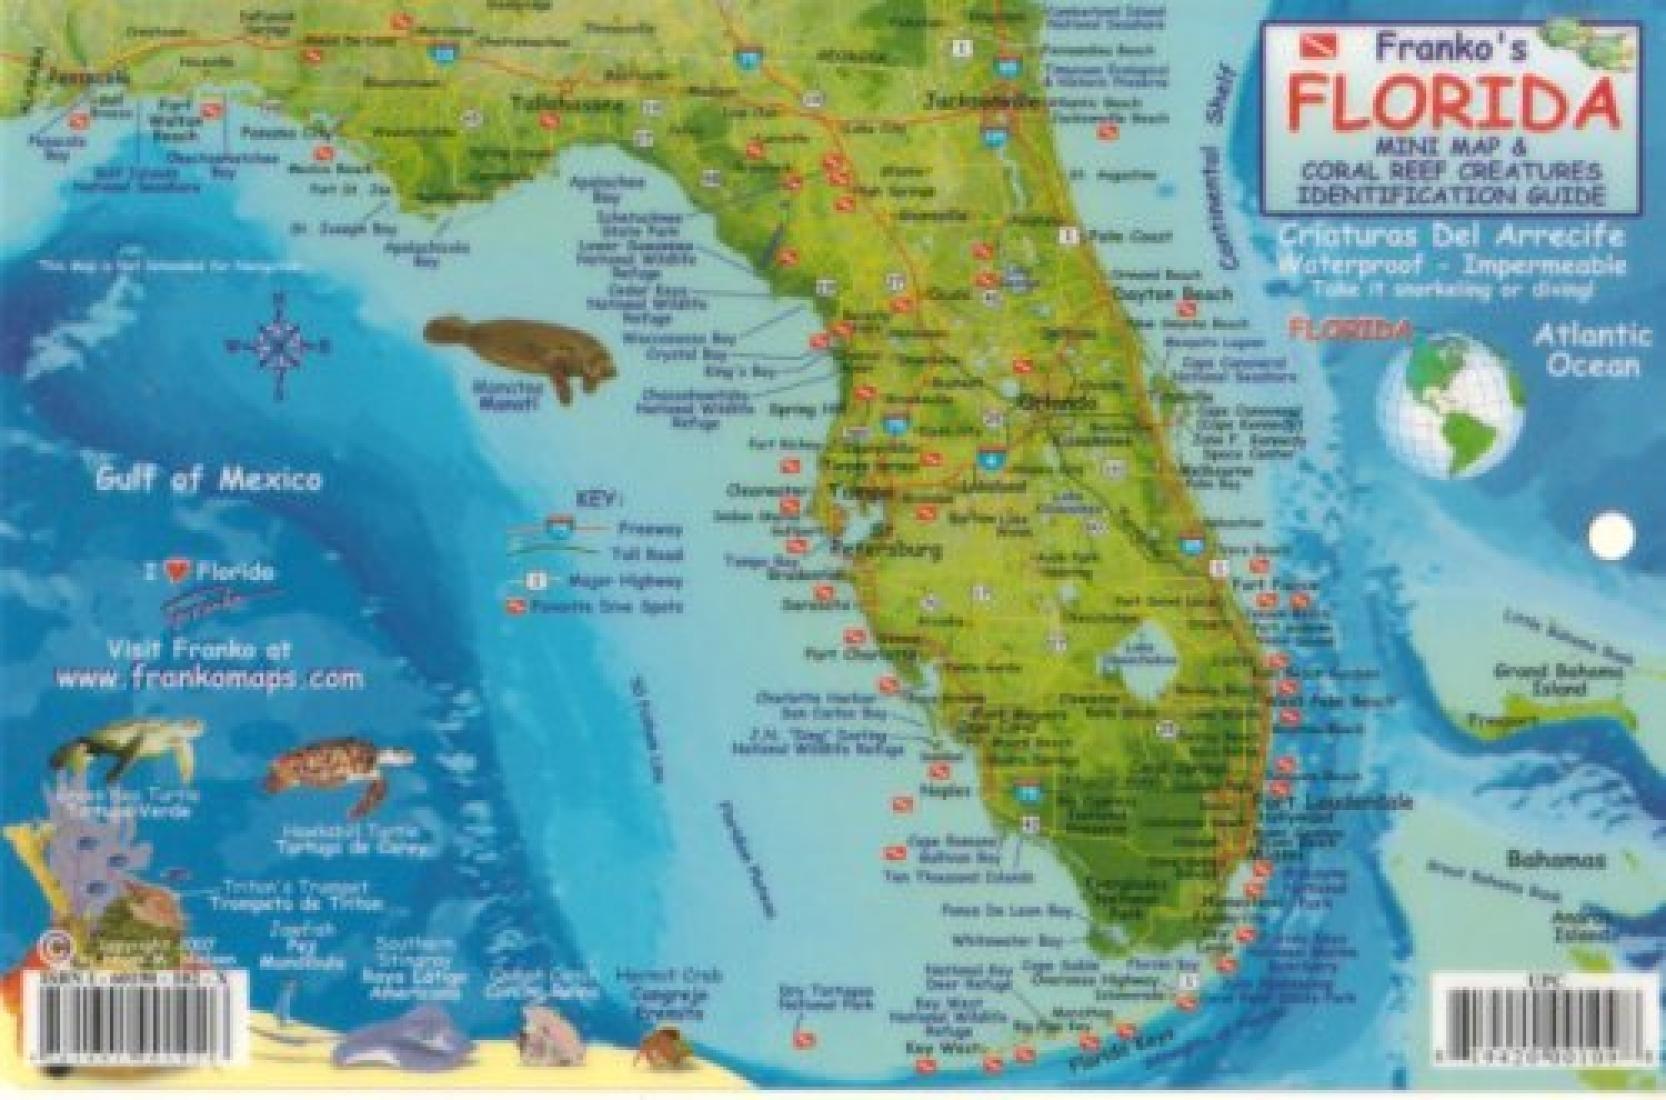 Florida keys fish id card by frankos maps ltd florida